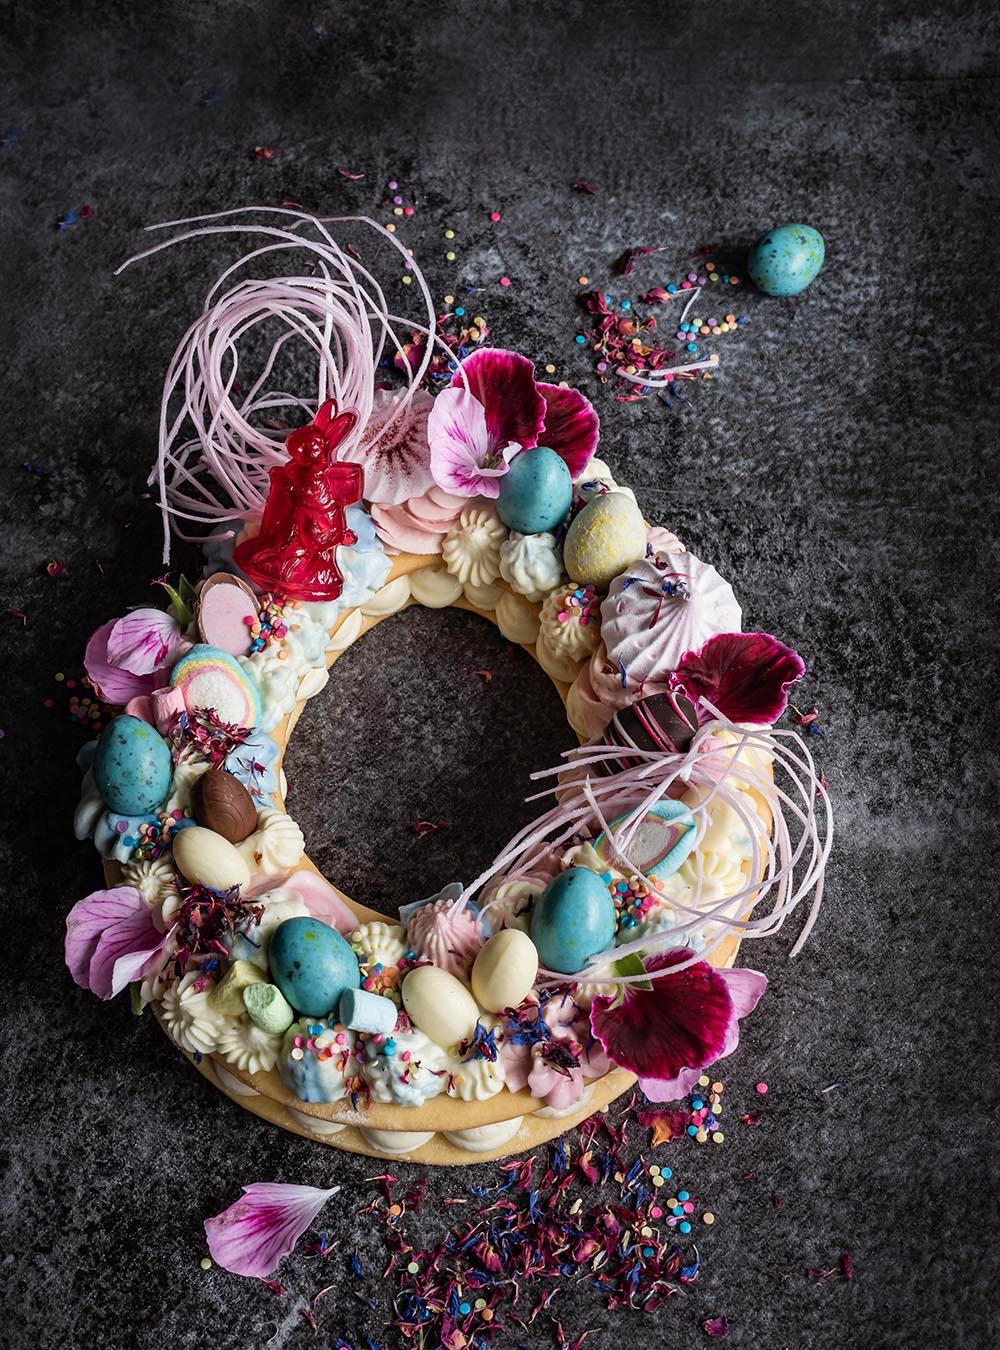 Frühlings Cream Cake - Mein Number-Letter Cake in der Oster- und Ganzjahres-Version